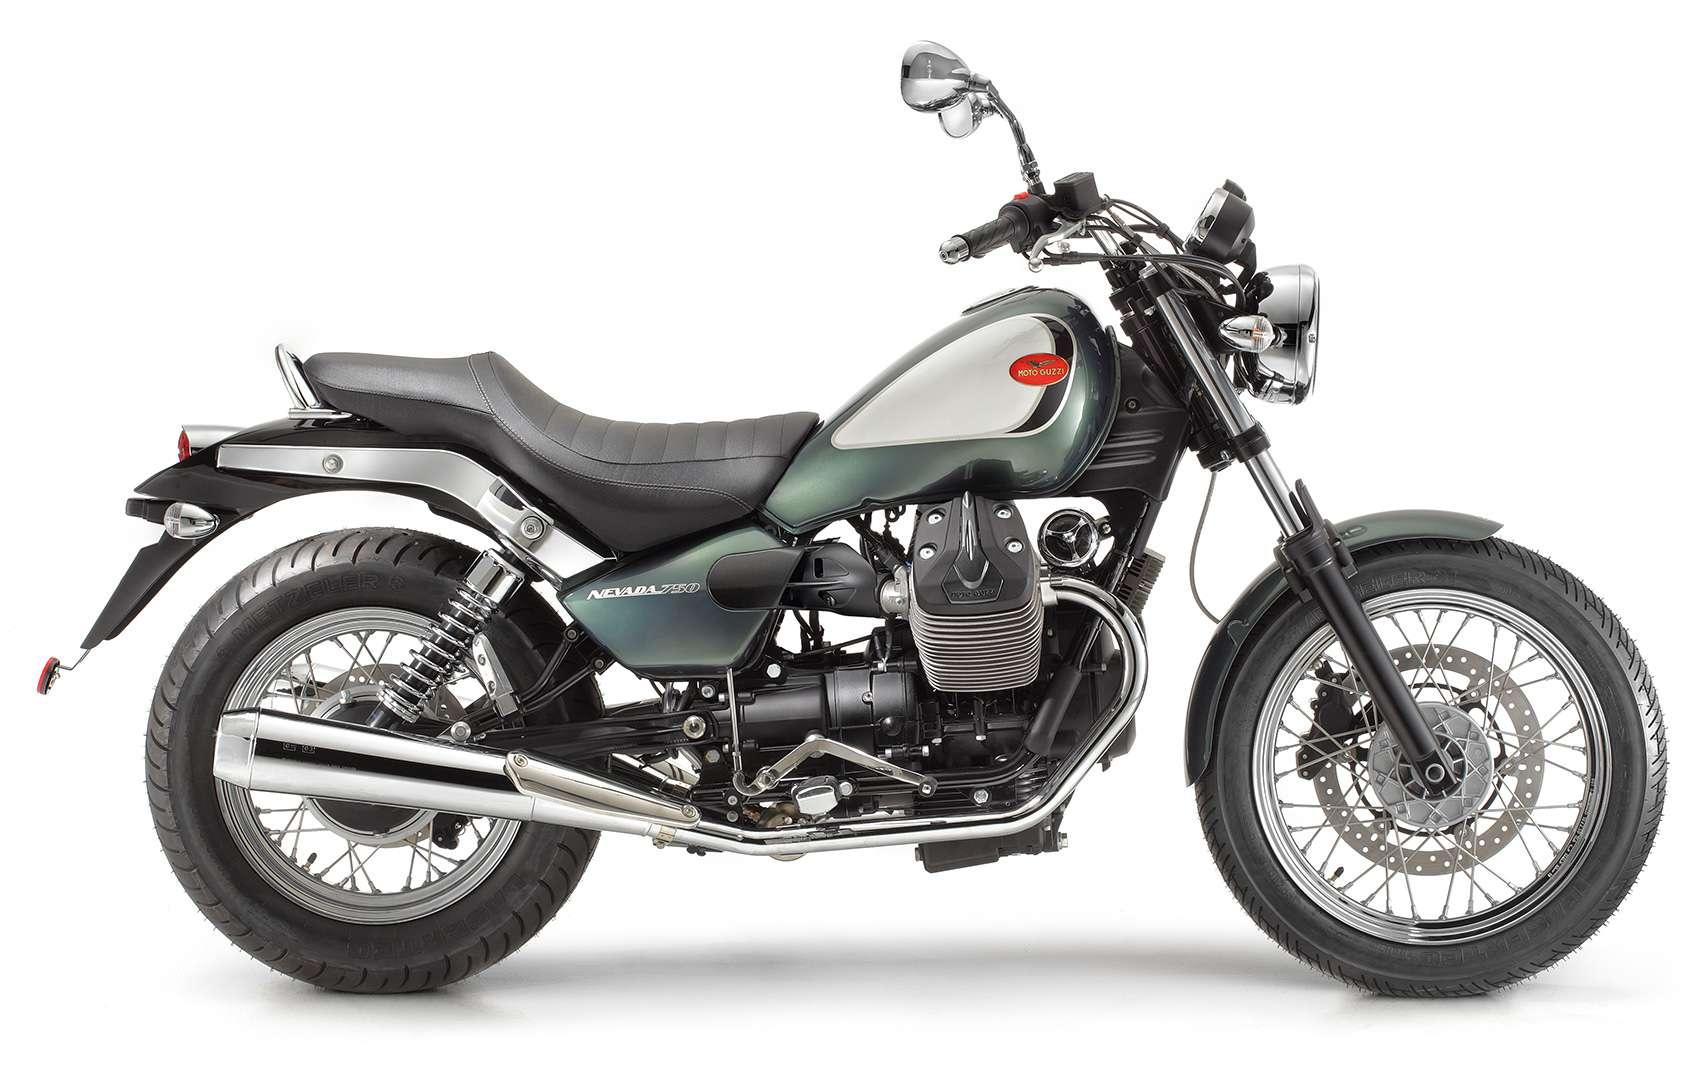 gebrauchte moto guzzi nevada 750 classic motorr der kaufen. Black Bedroom Furniture Sets. Home Design Ideas